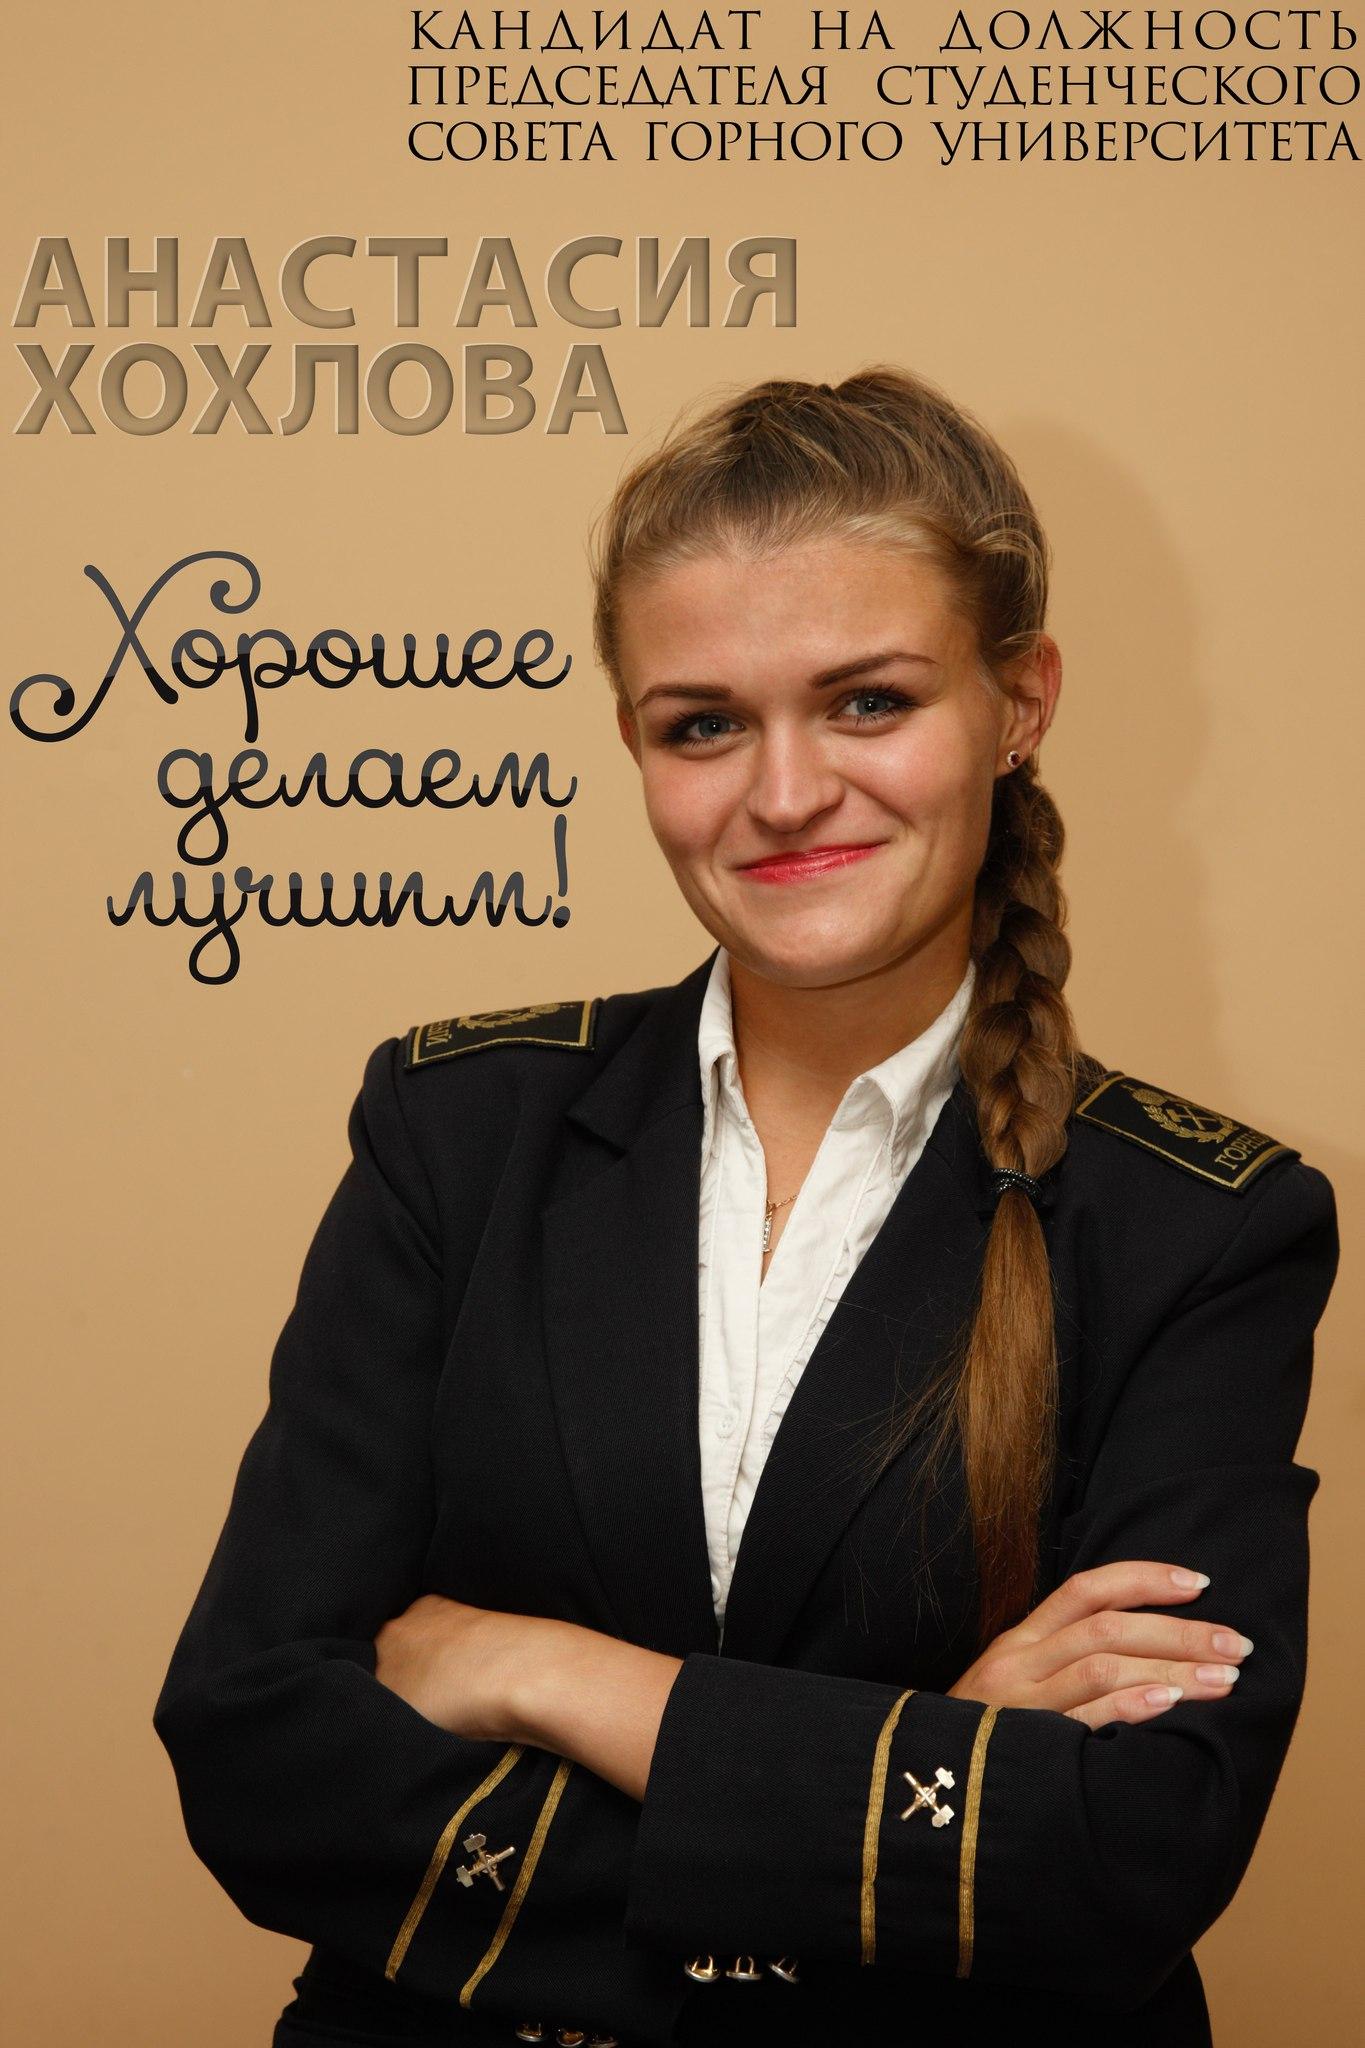 Горный университет (Санкт-Петербург), выборы председателя Студенческого совета, Анастасия Хохлова